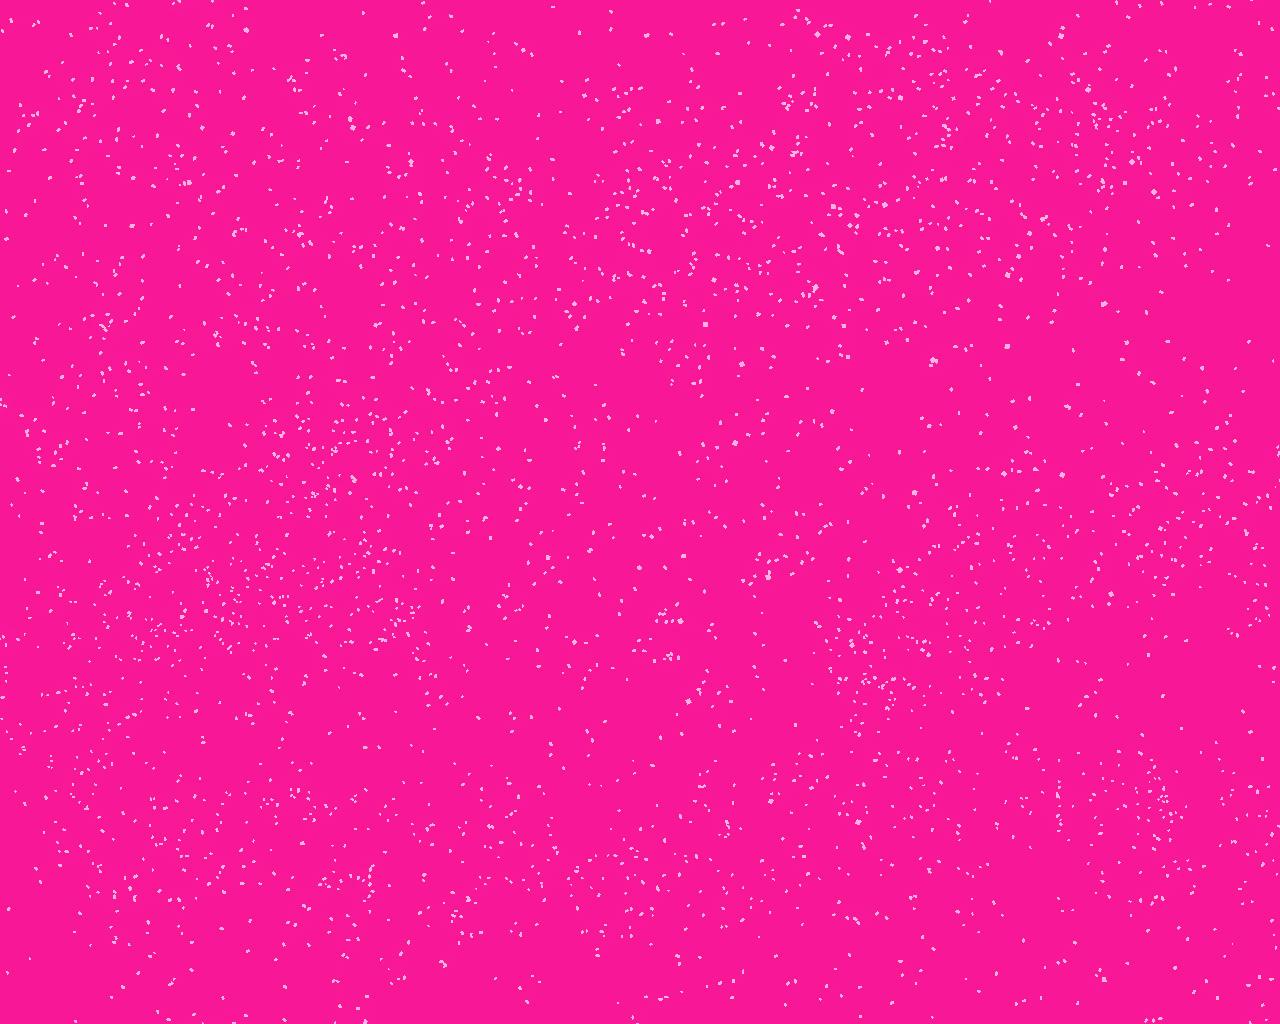 когда-то картинки для фона розовый цвет тоже